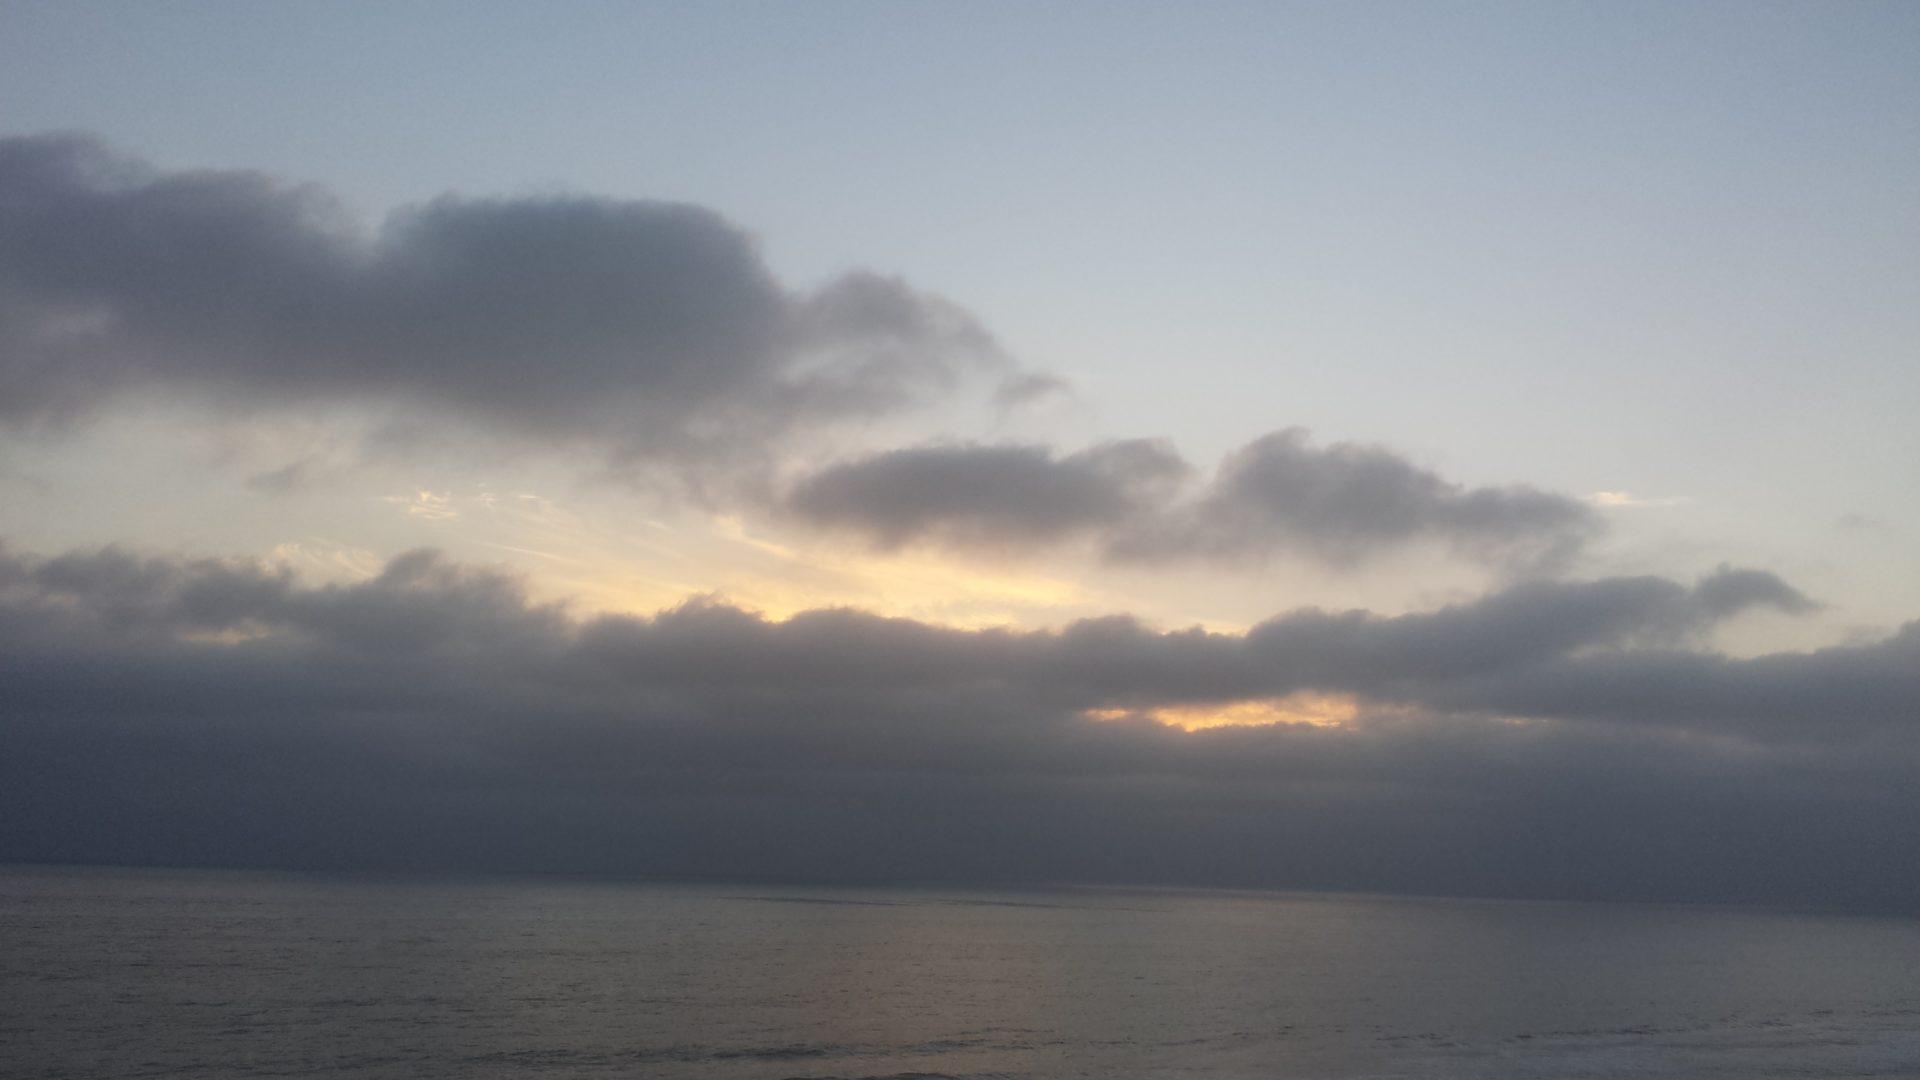 More Moody Skies